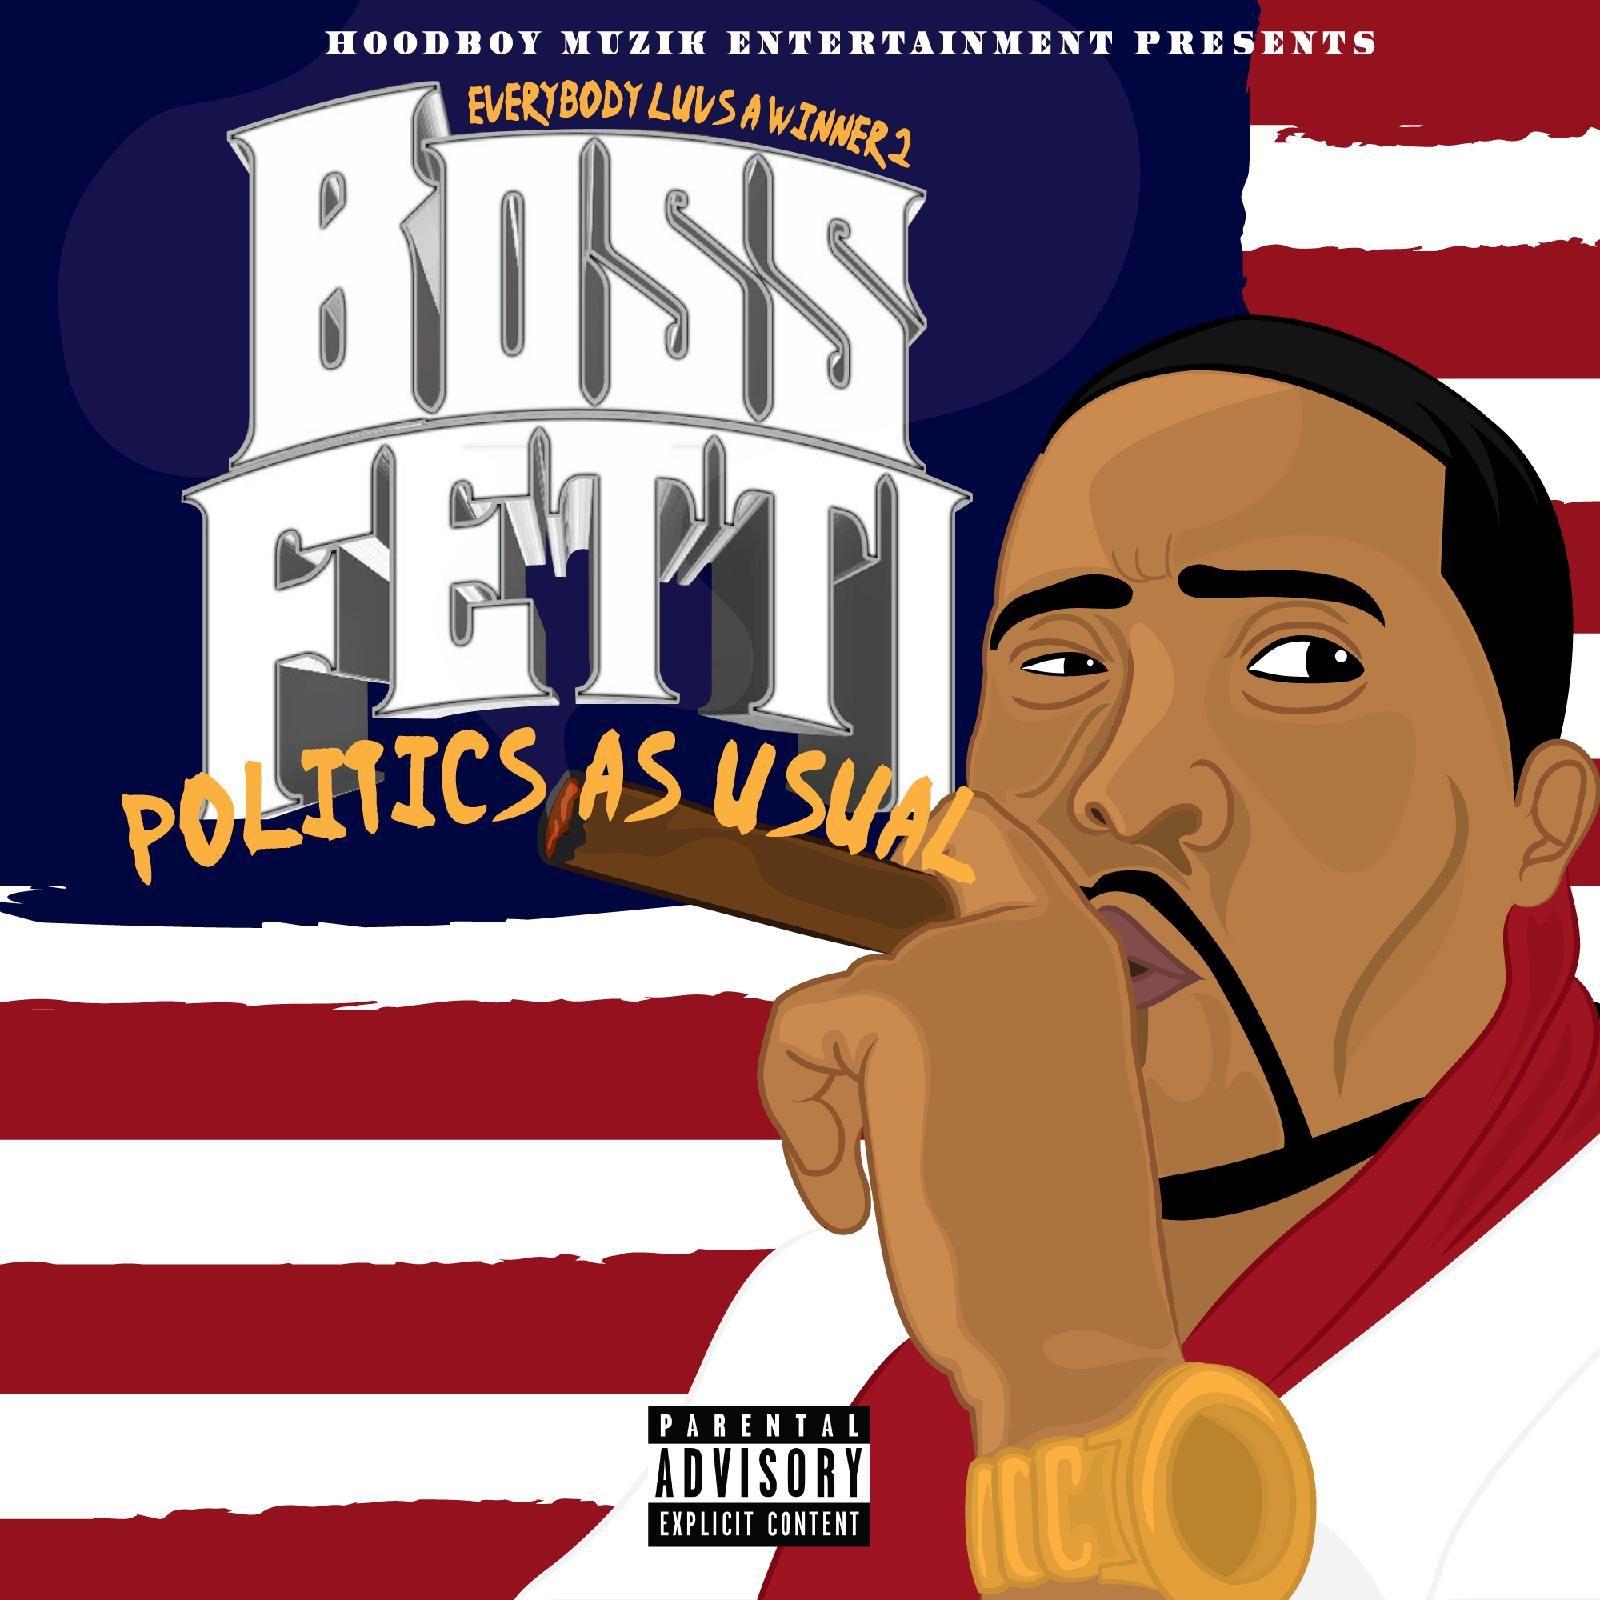 8 -future-ft-boss-fetti-march-madness-remix by Boss Fetti